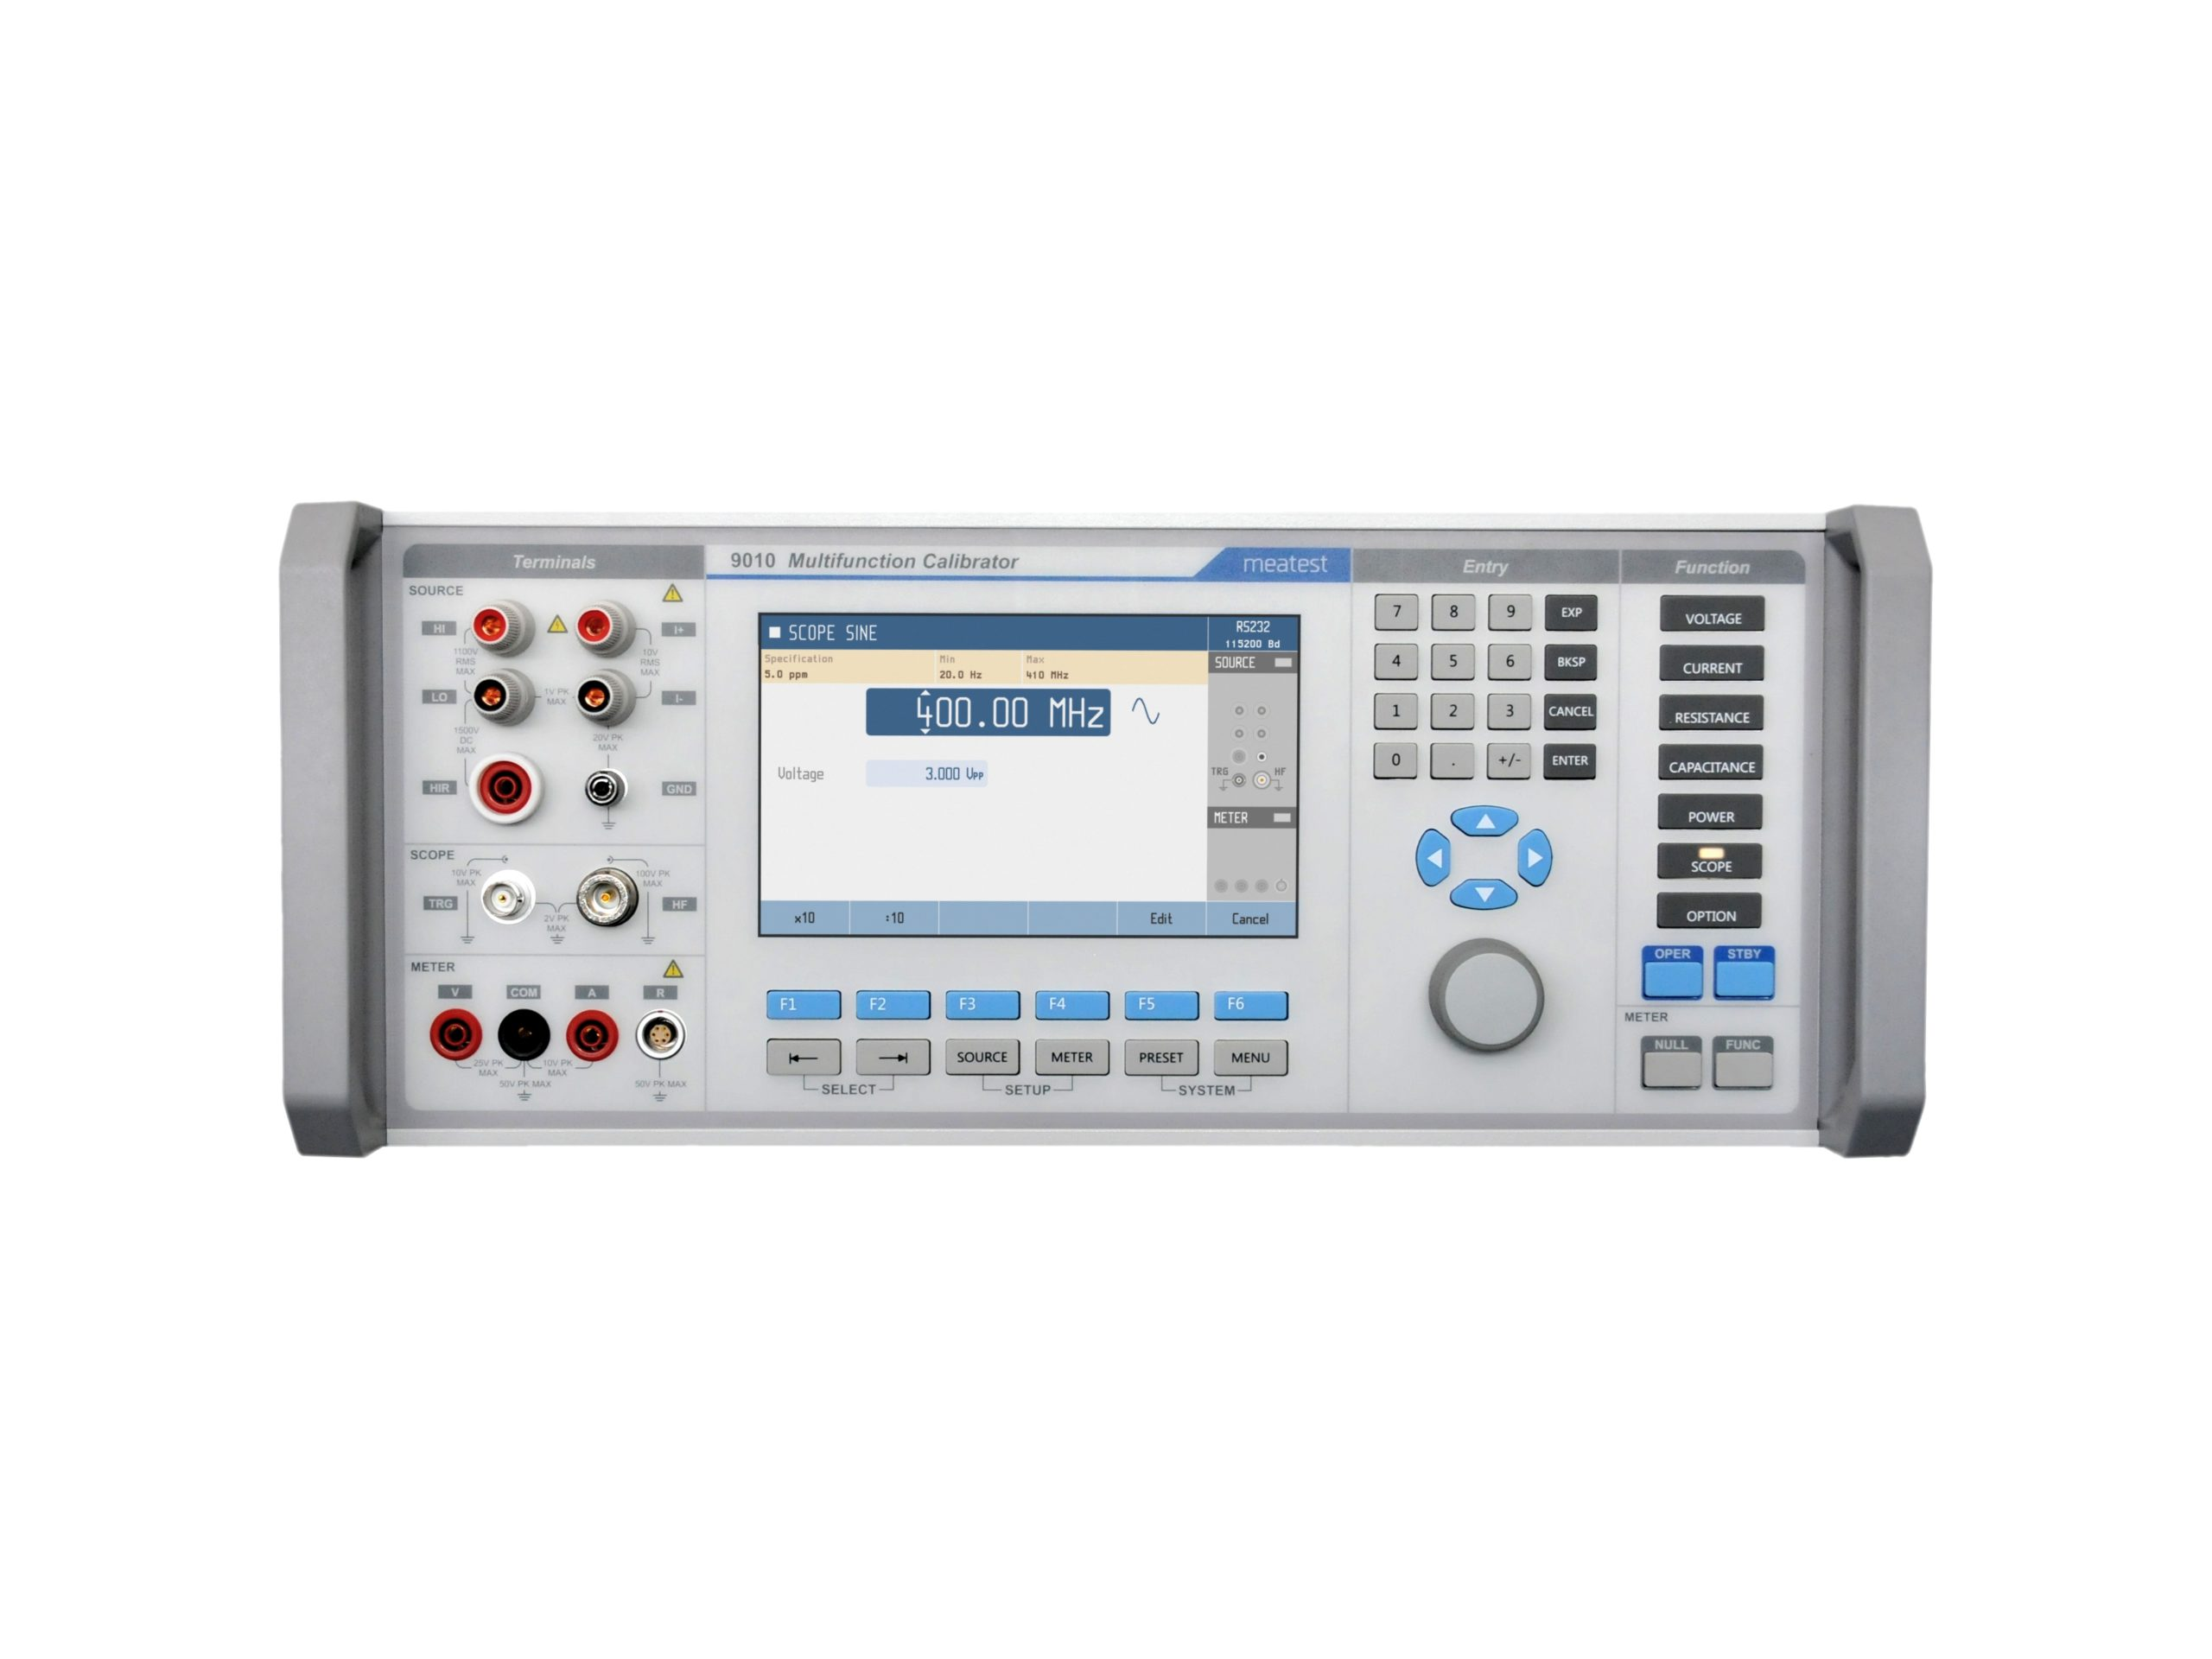 Meatest et ACALIME présentent un nouveau Calibrateur multifonctions de laboratoire 9010 de 35 ppm